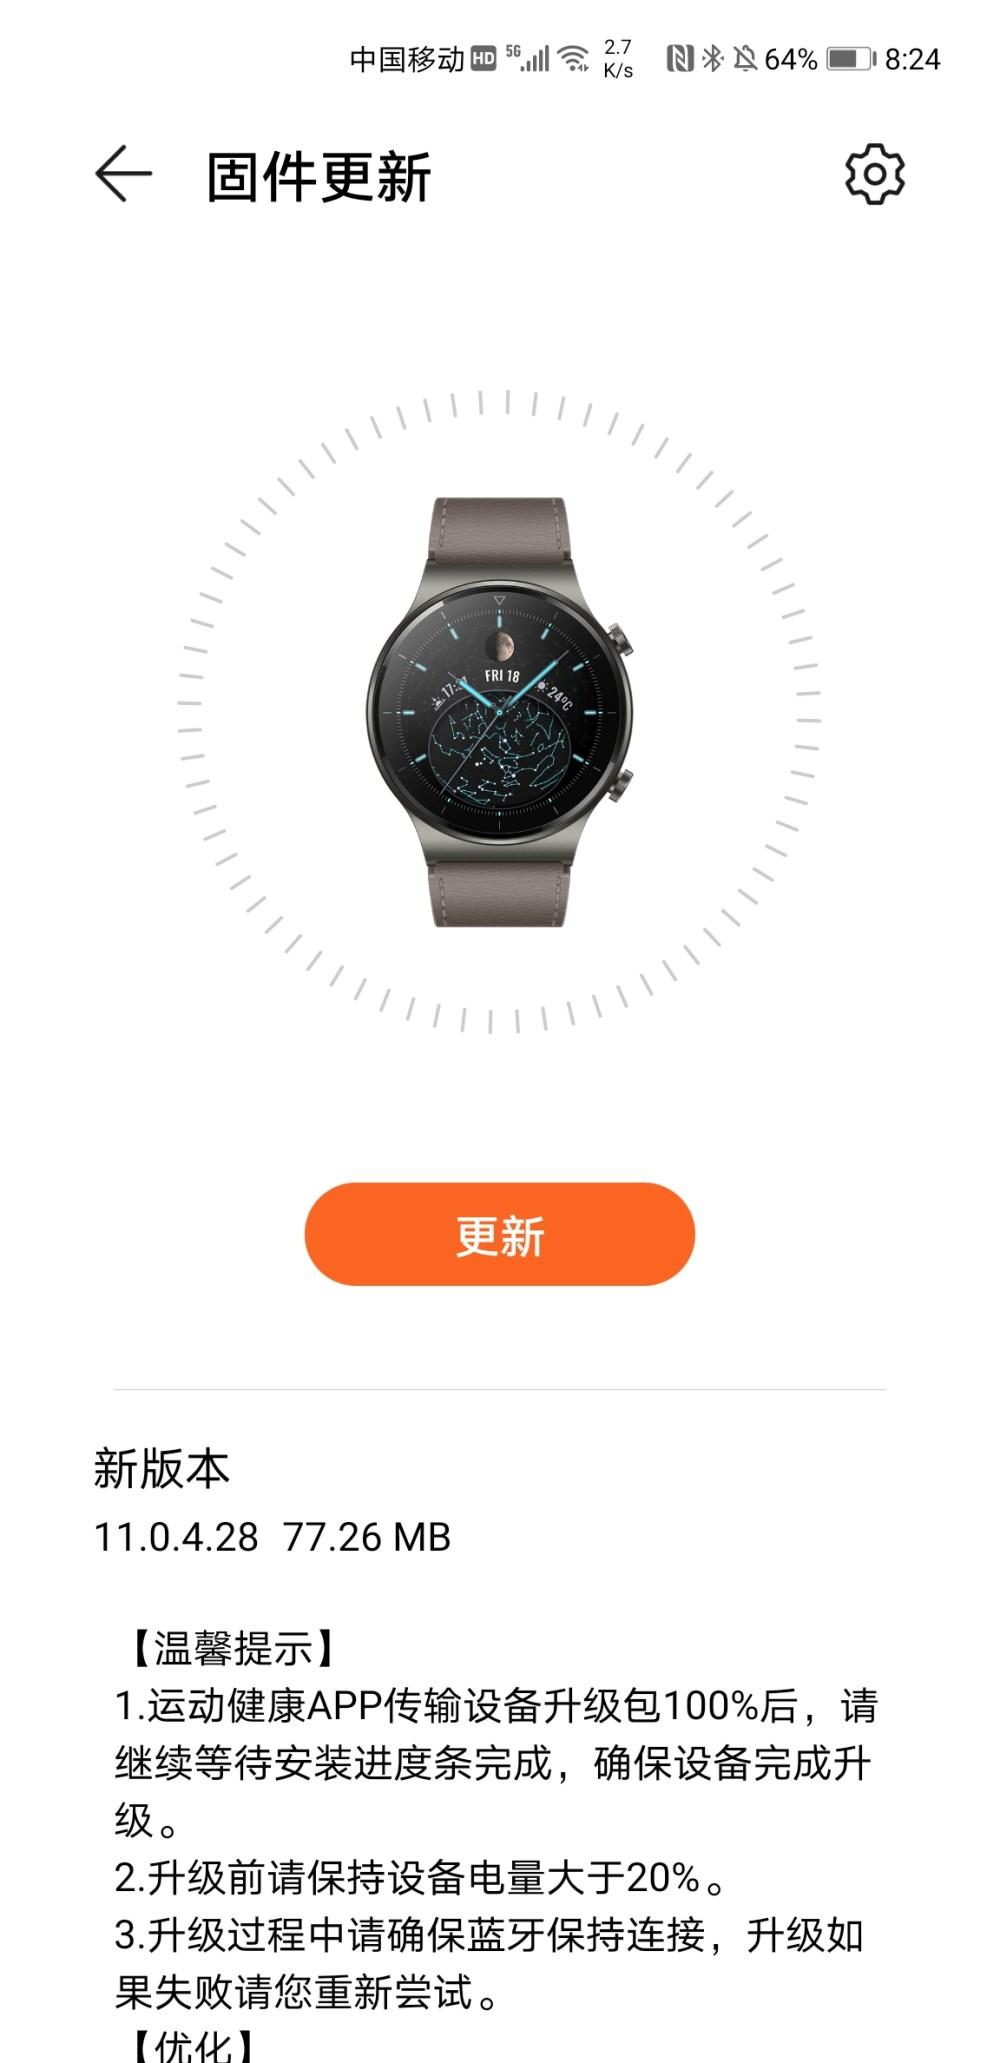 Huawei Watch GT 2 Pro February 2021 update